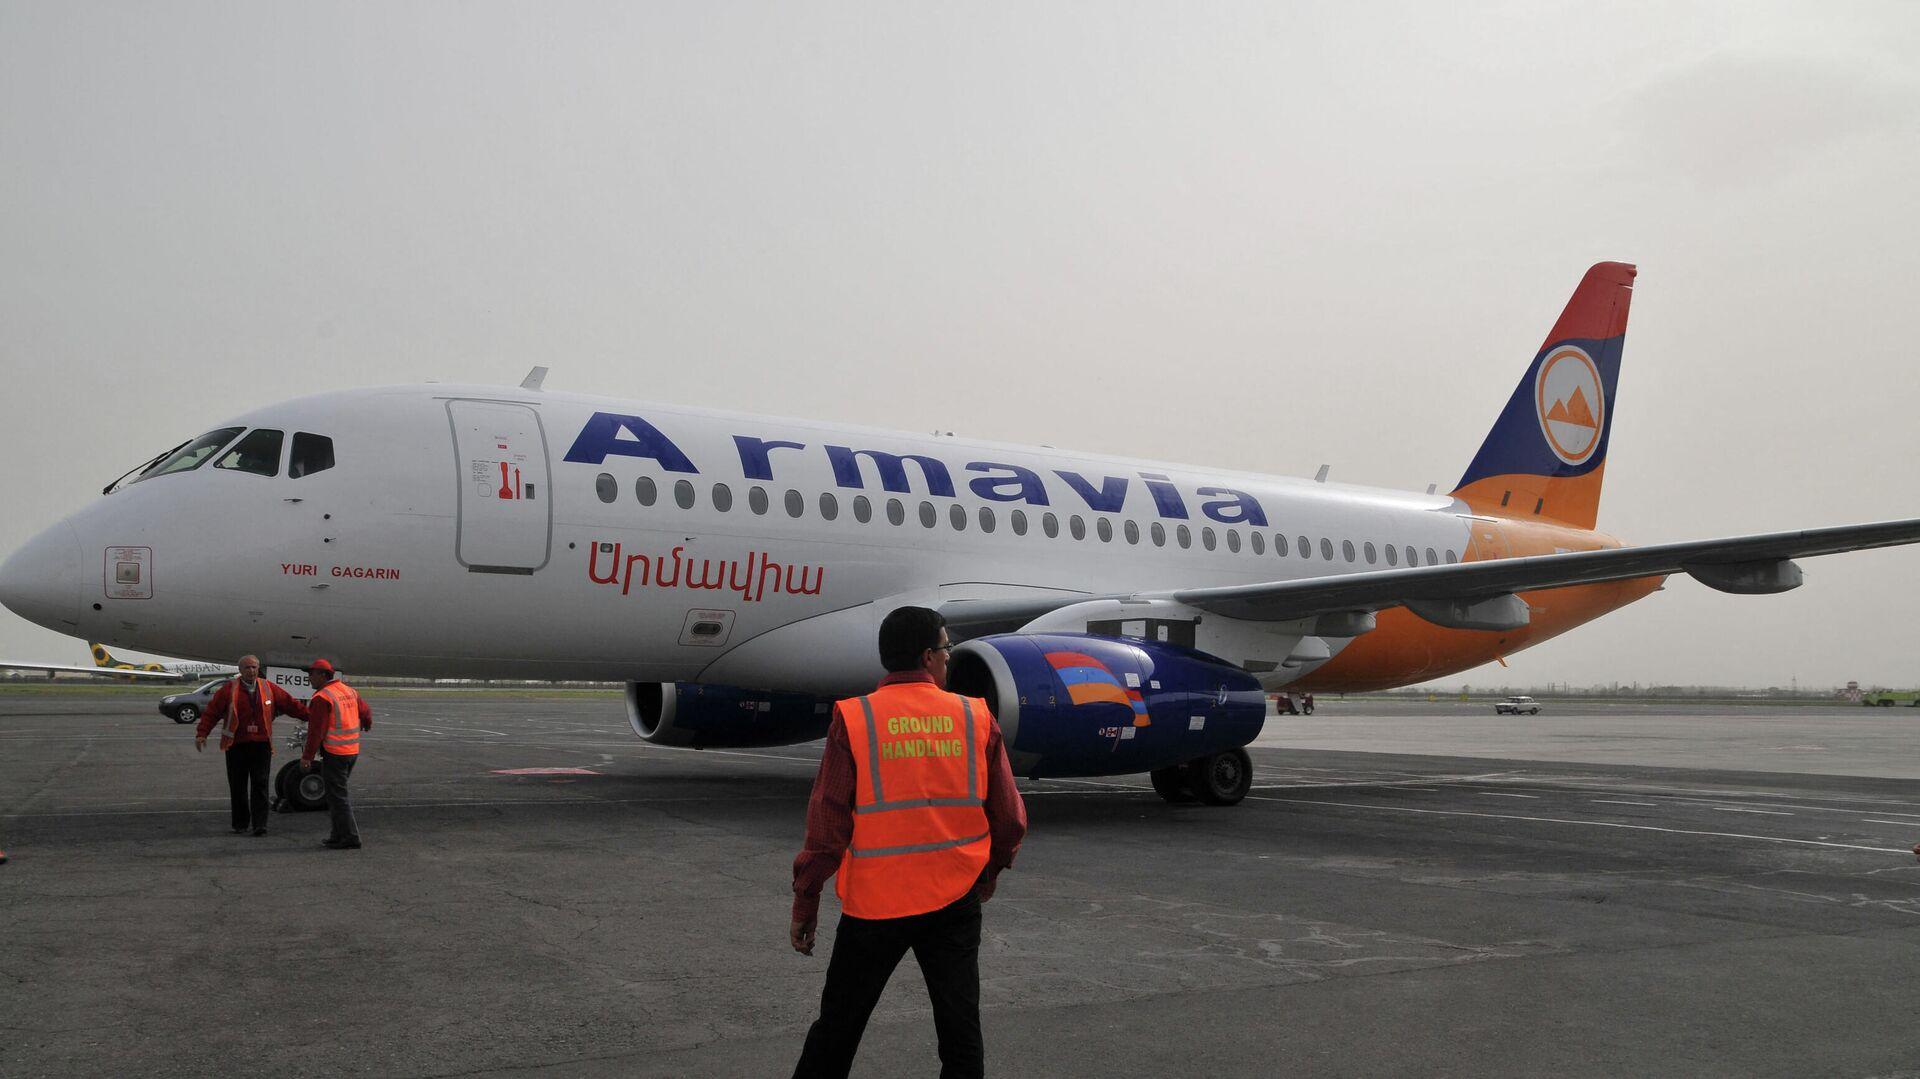 Самолет Superjet 100 российского производства приземлился в аэропорту Еревана - Sputnik Таджикистан, 1920, 15.09.2021